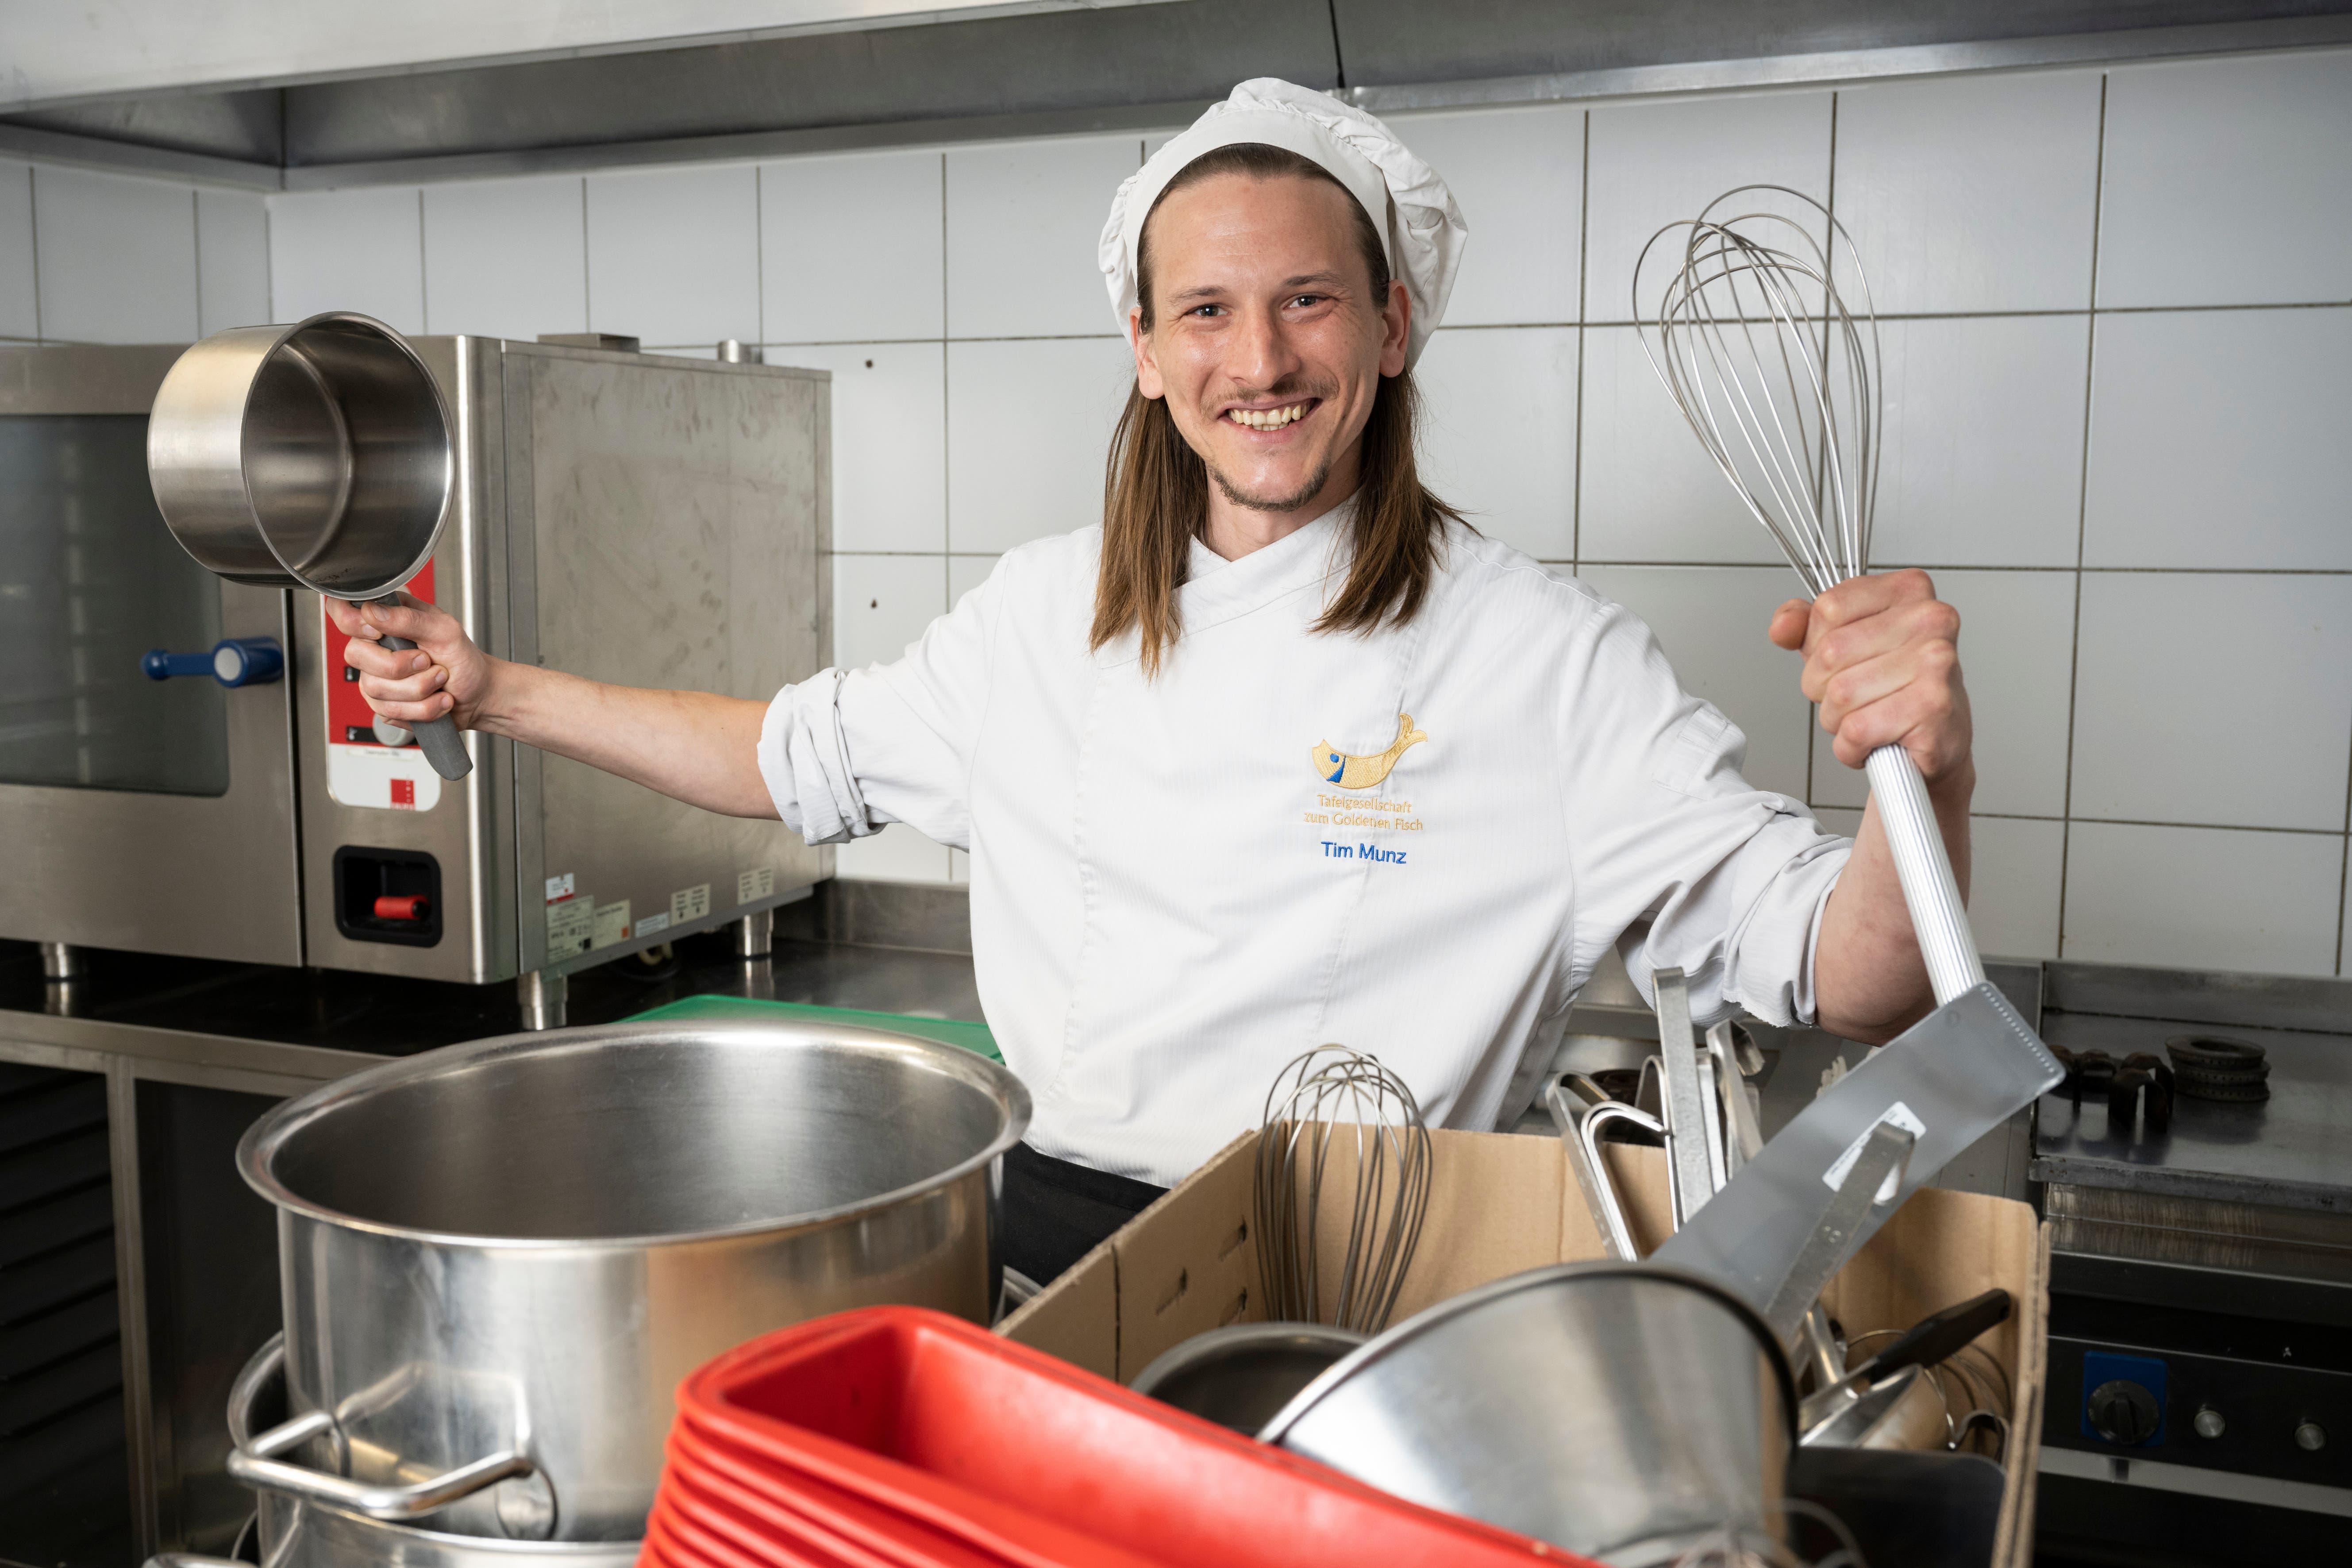 Baden, 13. April: Tim Munz übernimmt das «Oberstadt». Der 31-Jährige ist mit 14 Gault-Millau-Punkten ausgezeichnet.